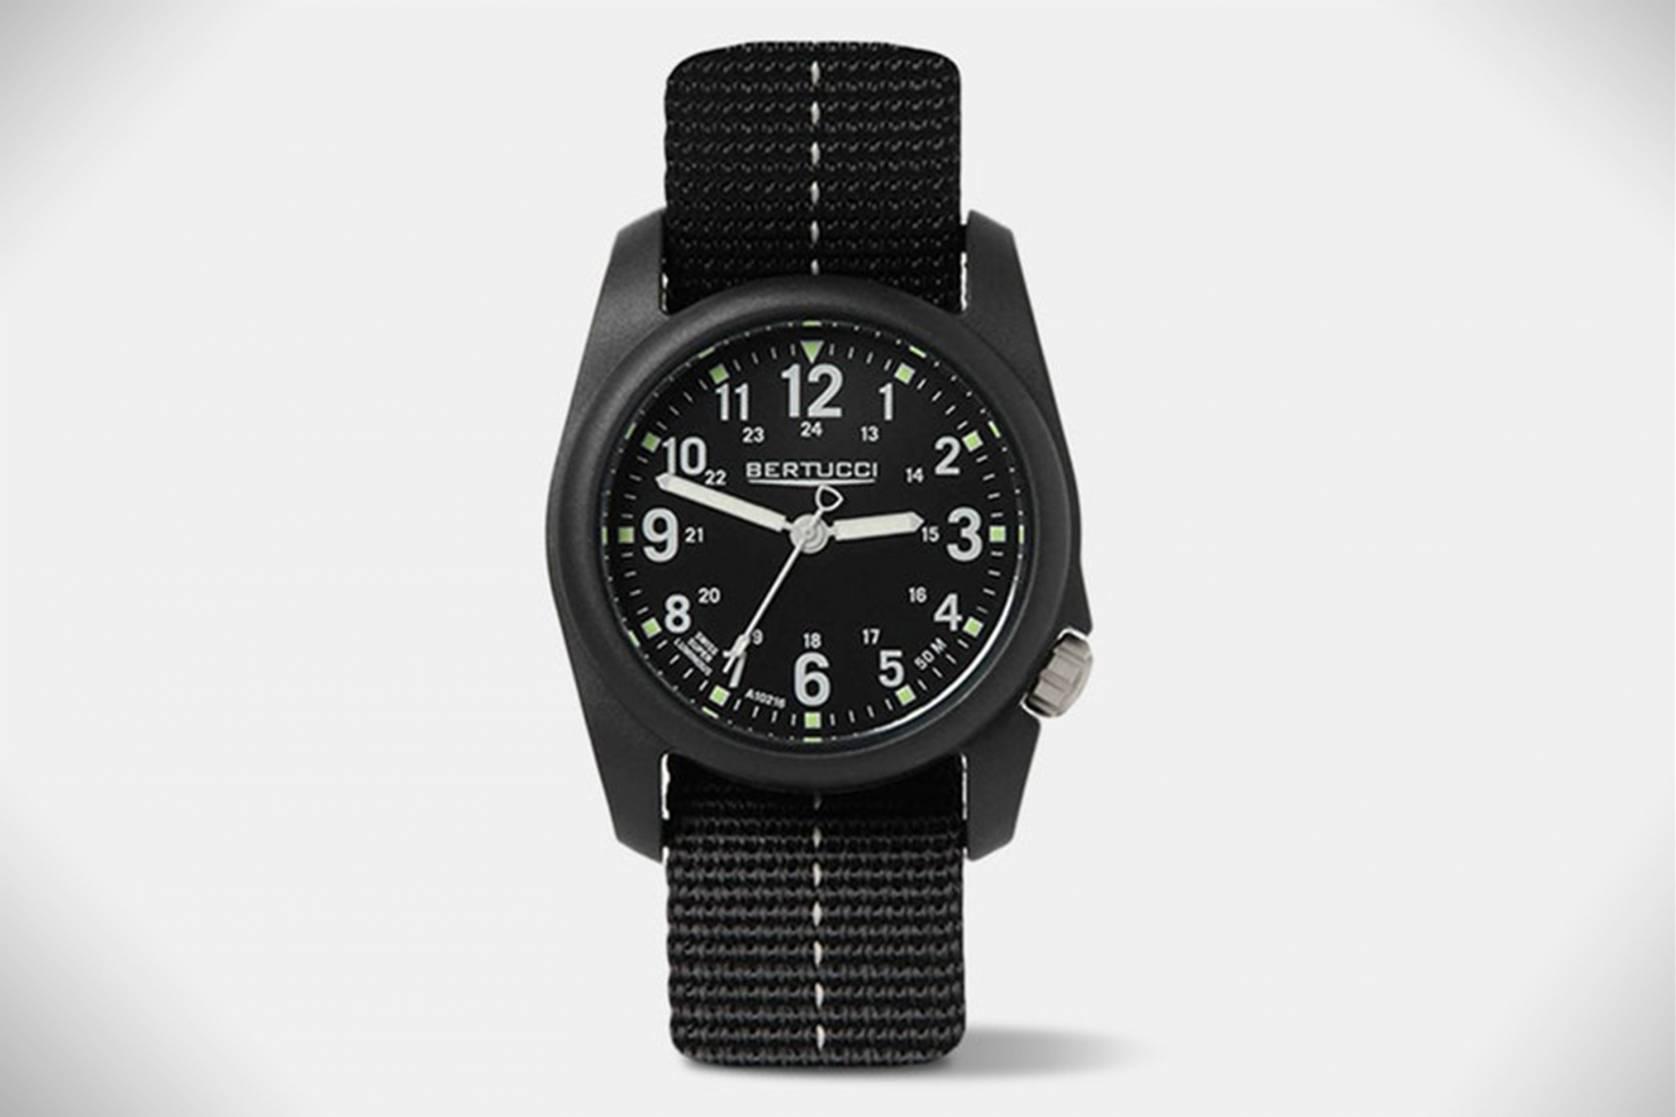 Bertucci Field Watch on Sale